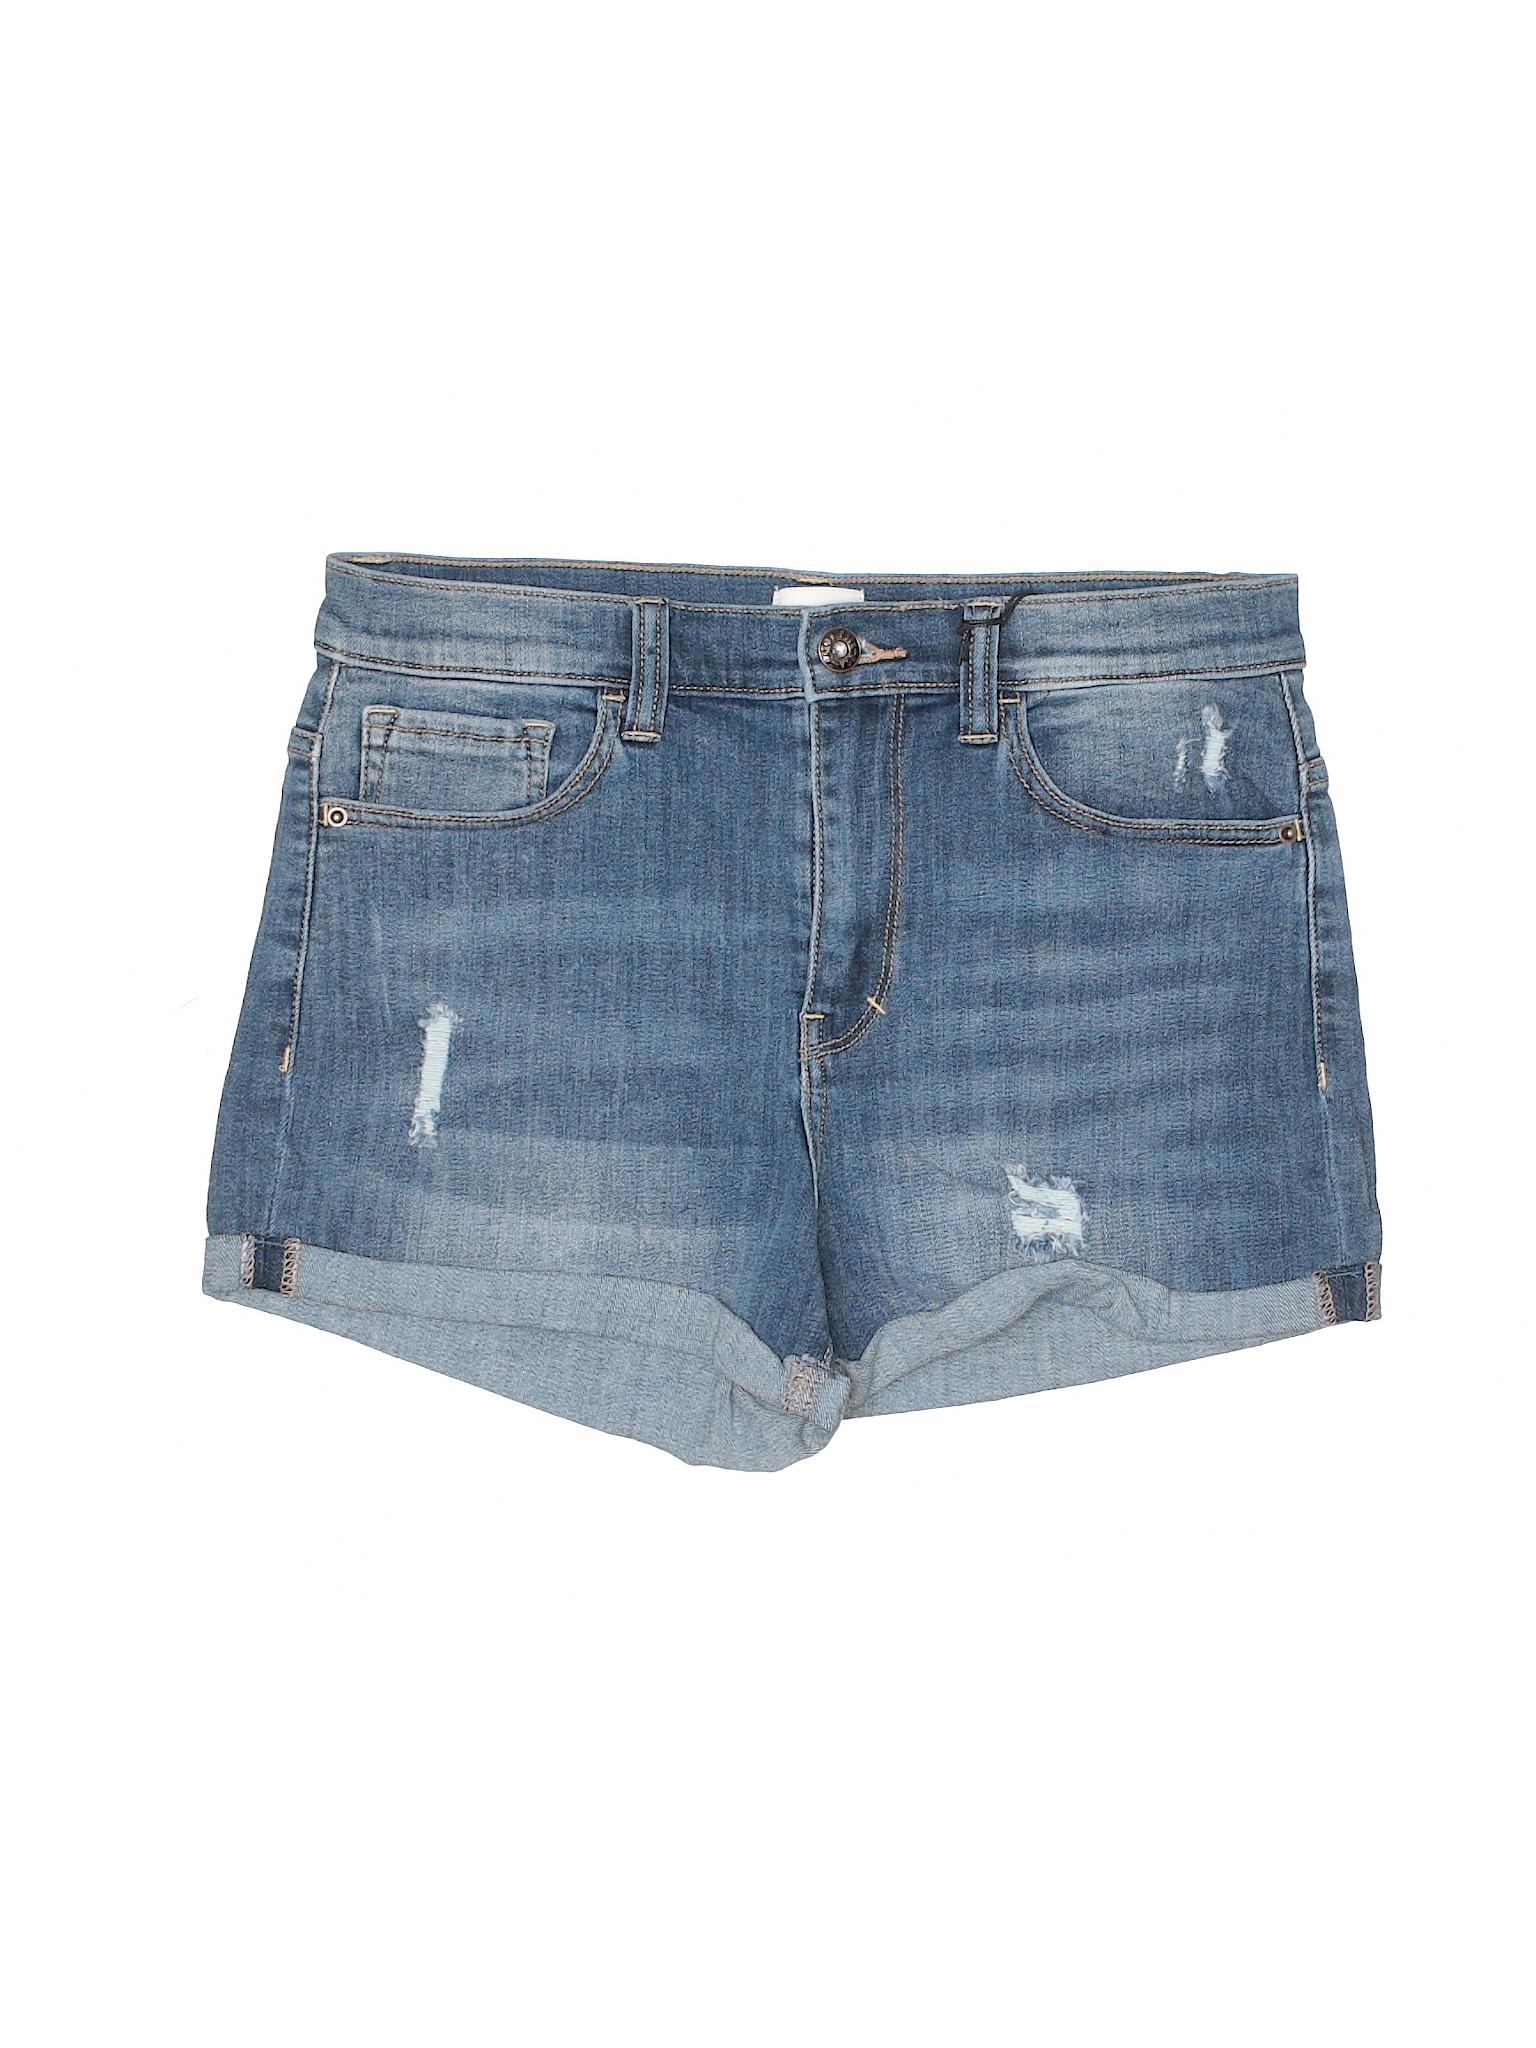 Denim SNEAK PEEK PEEK Boutique Boutique SNEAK Denim Shorts PEEK SNEAK Boutique Denim Shorts f4wqZUYg6